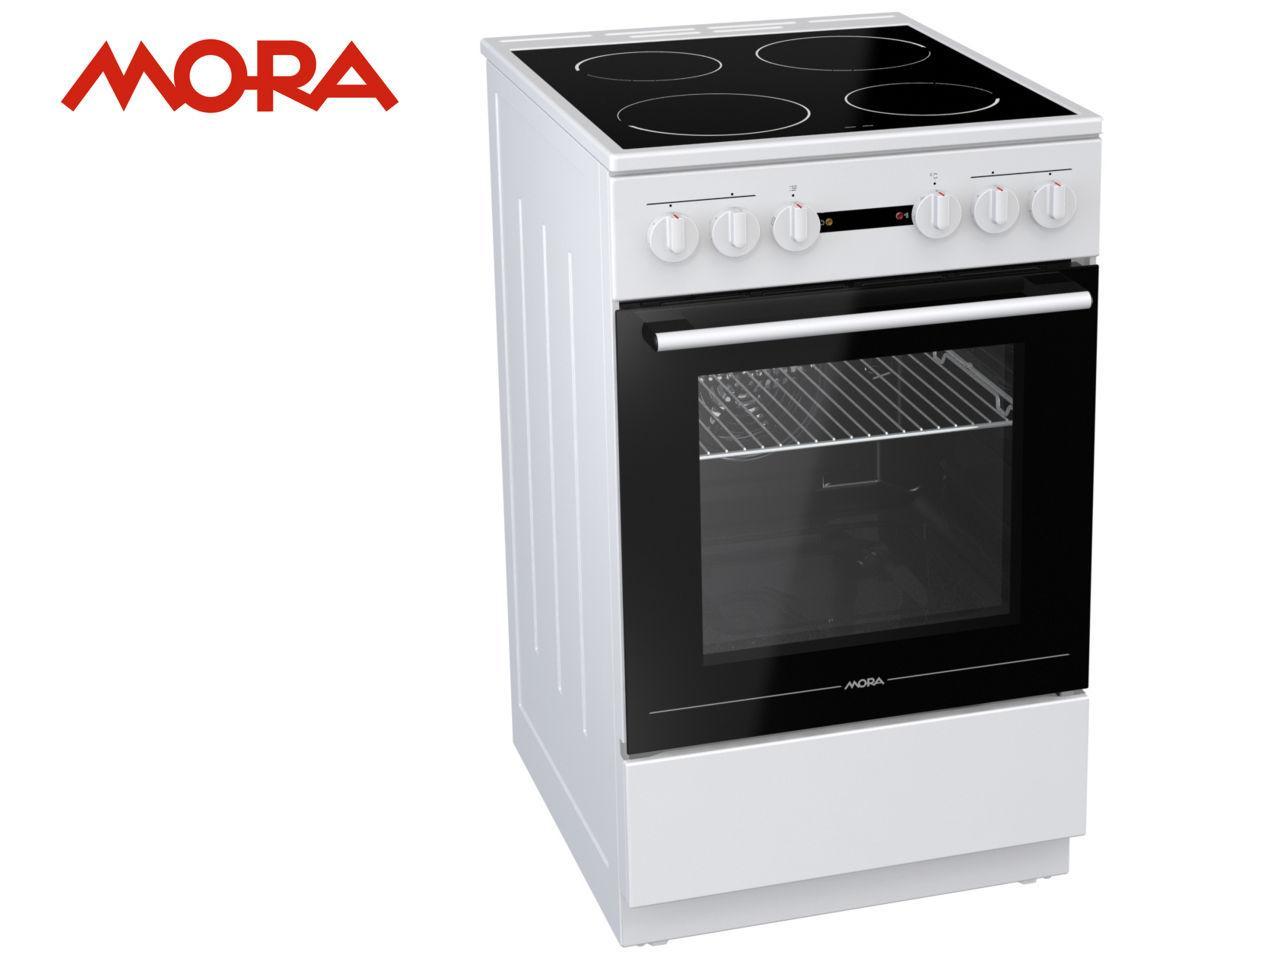 MORA C 110 AW